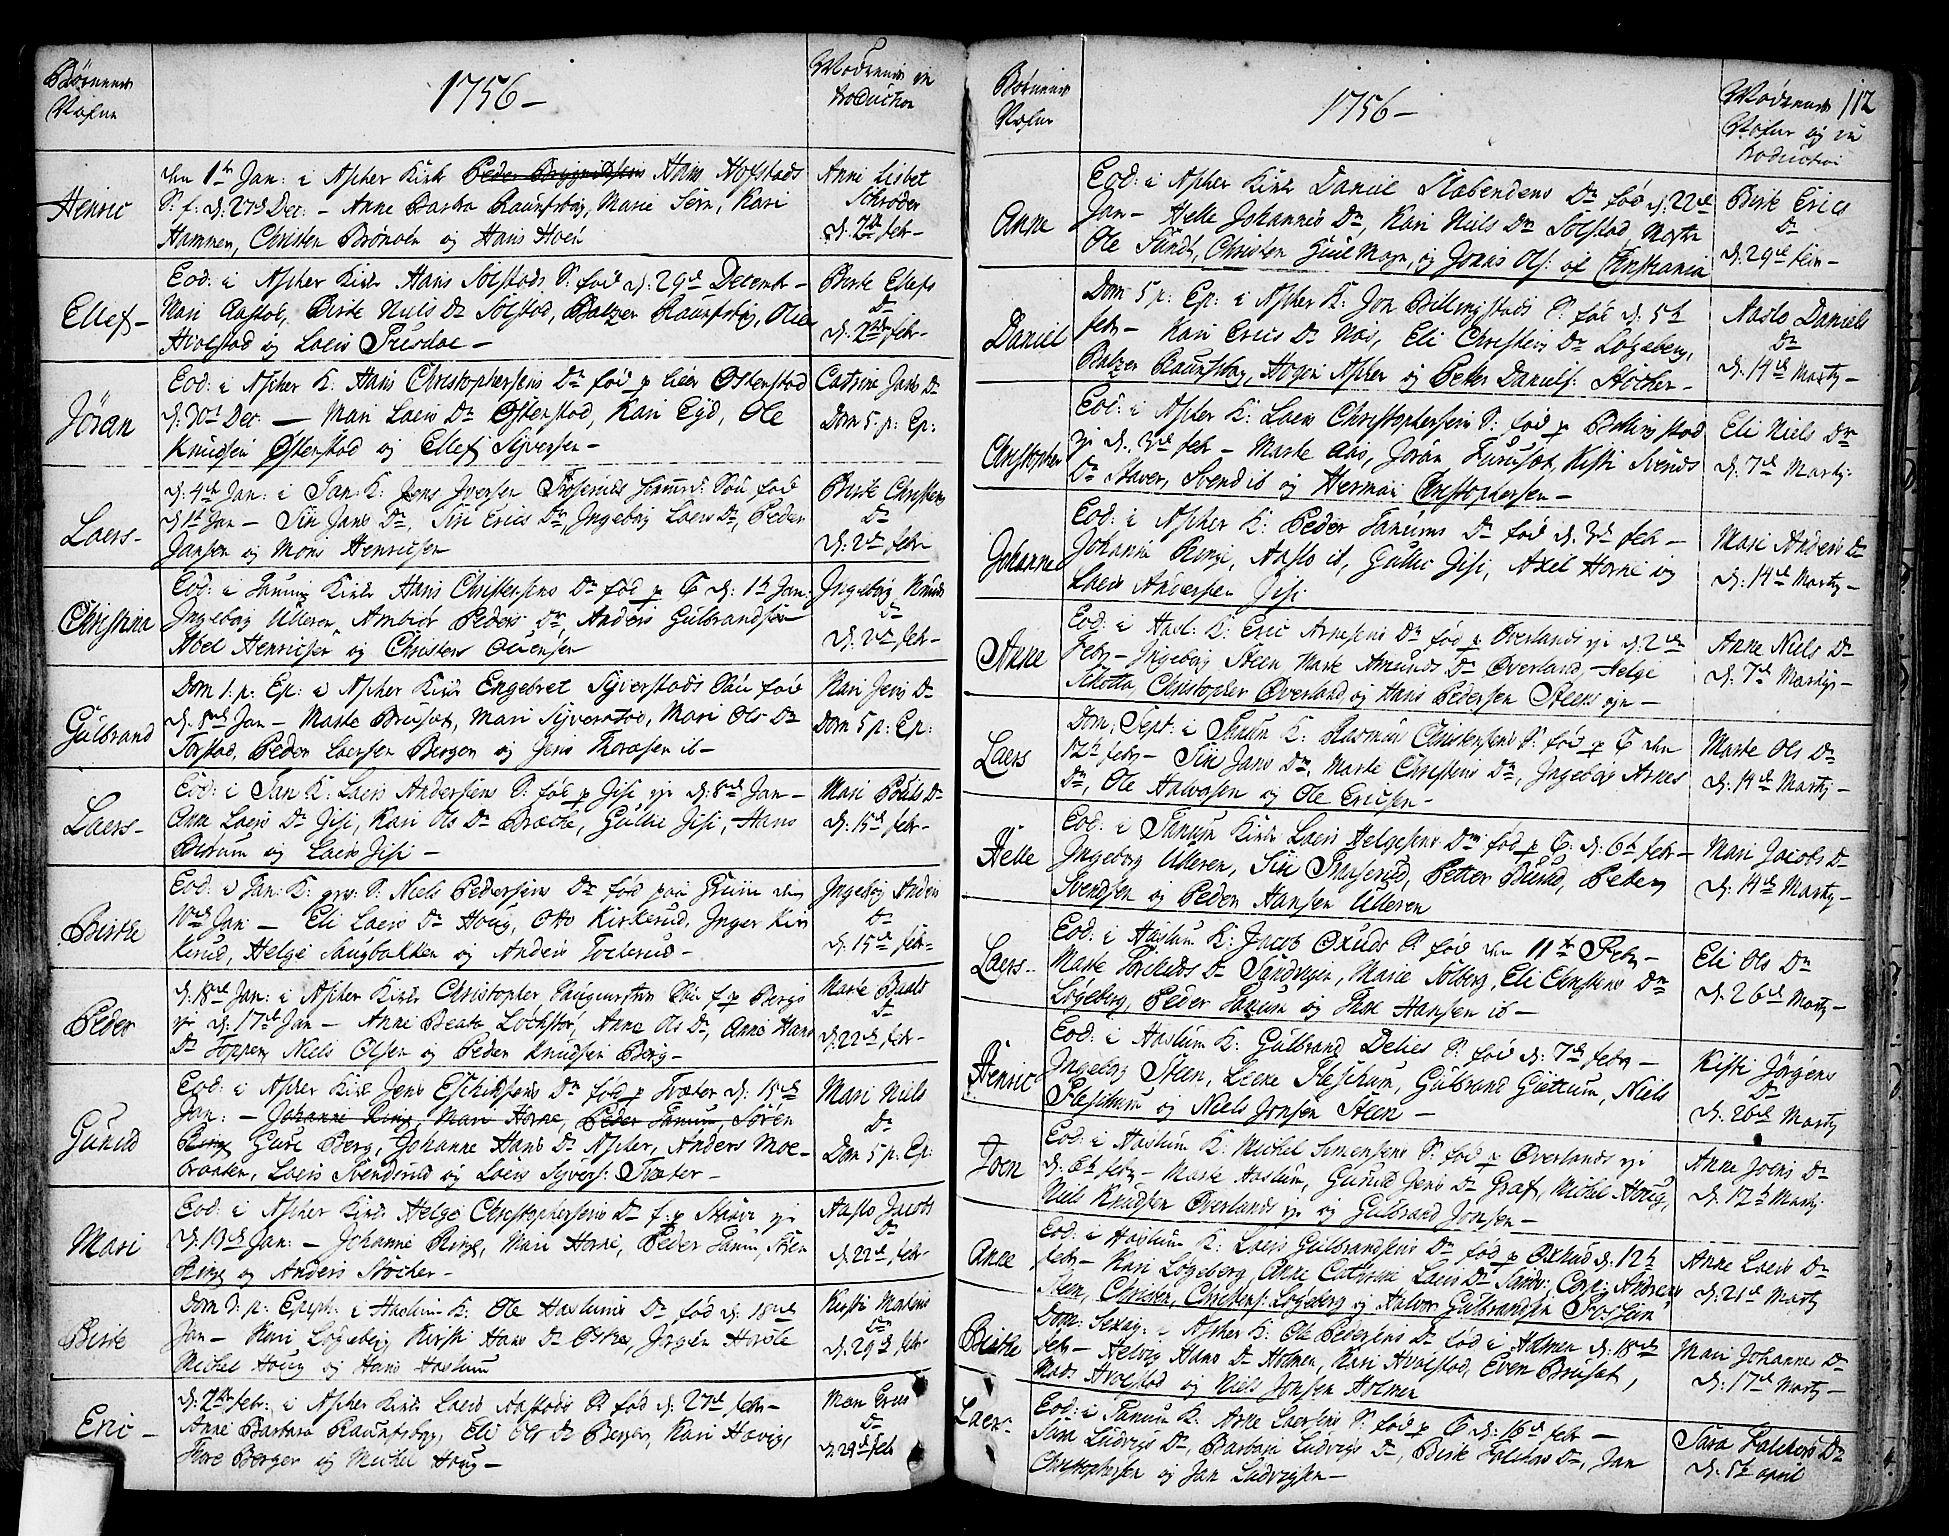 SAO, Asker prestekontor Kirkebøker, F/Fa/L0002: Ministerialbok nr. I 2, 1733-1766, s. 112